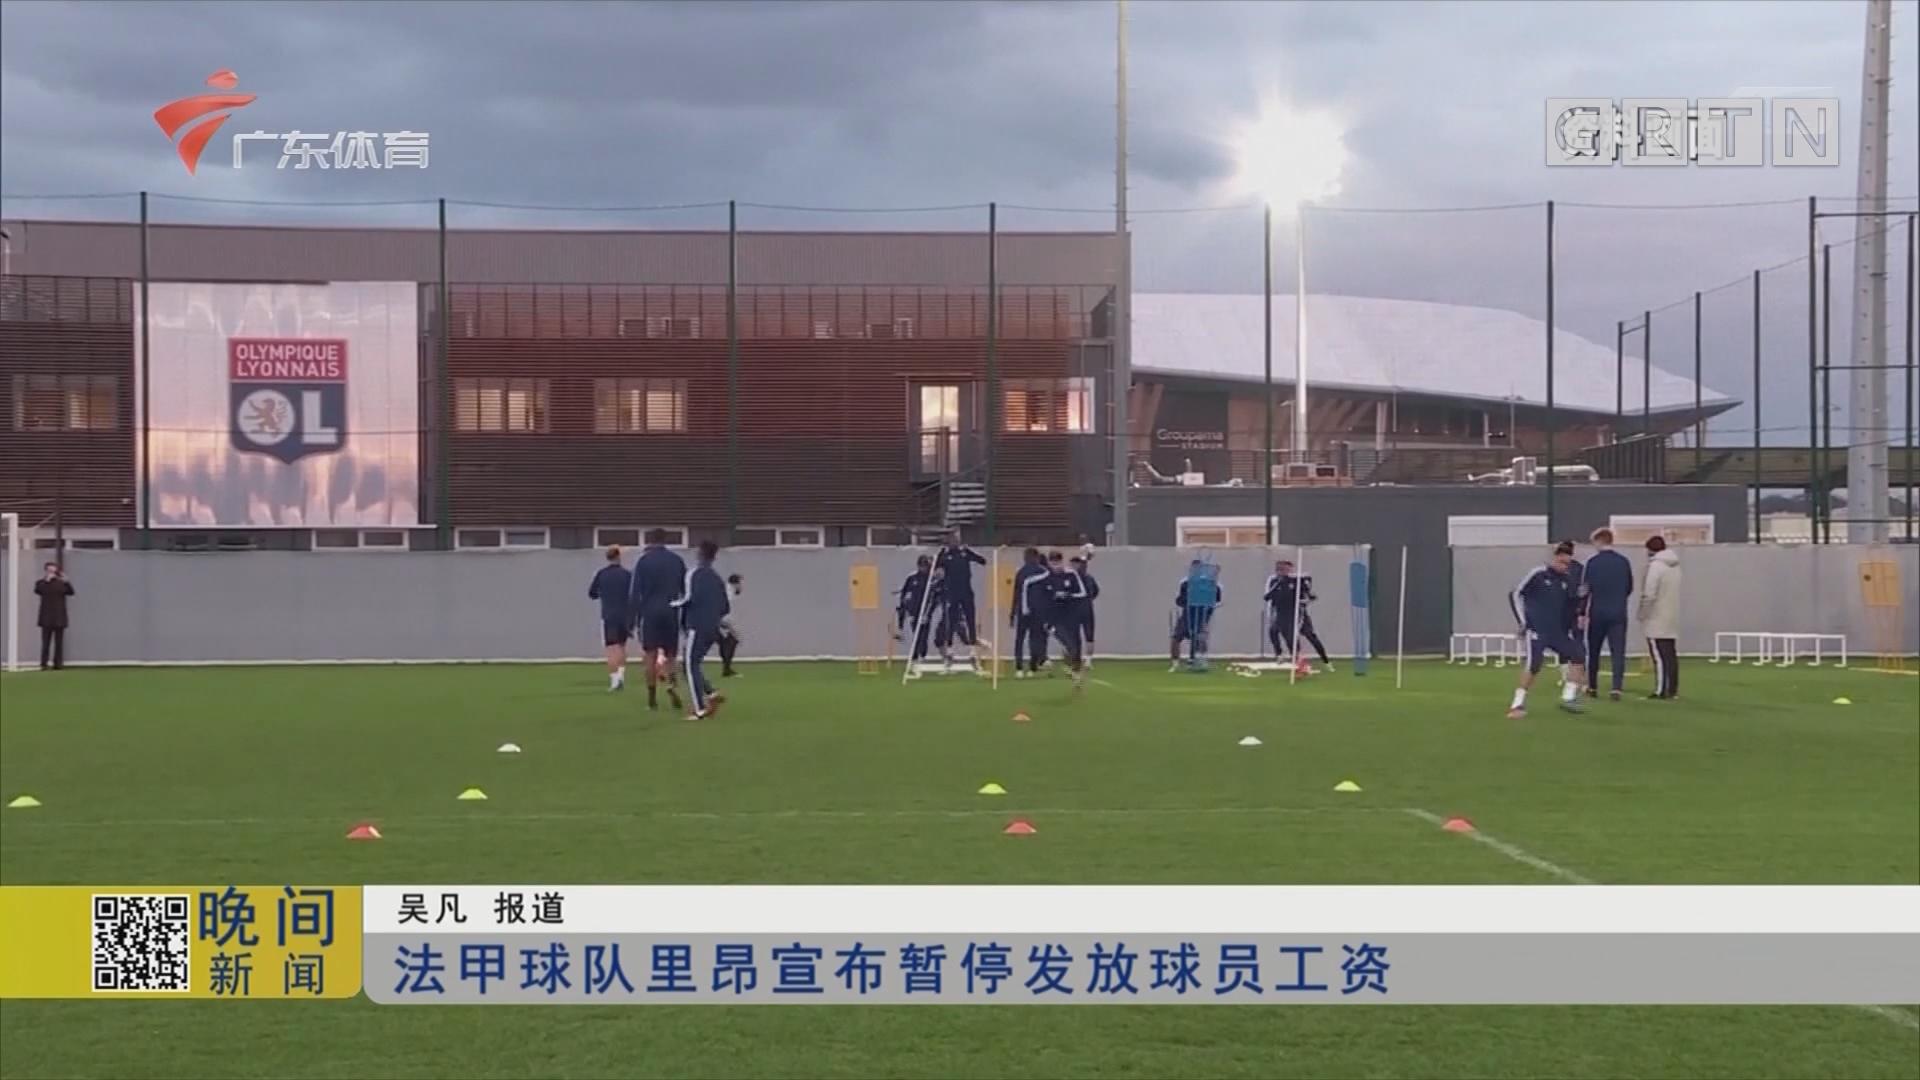 法甲球队里昂宣布暂停发放球员工资